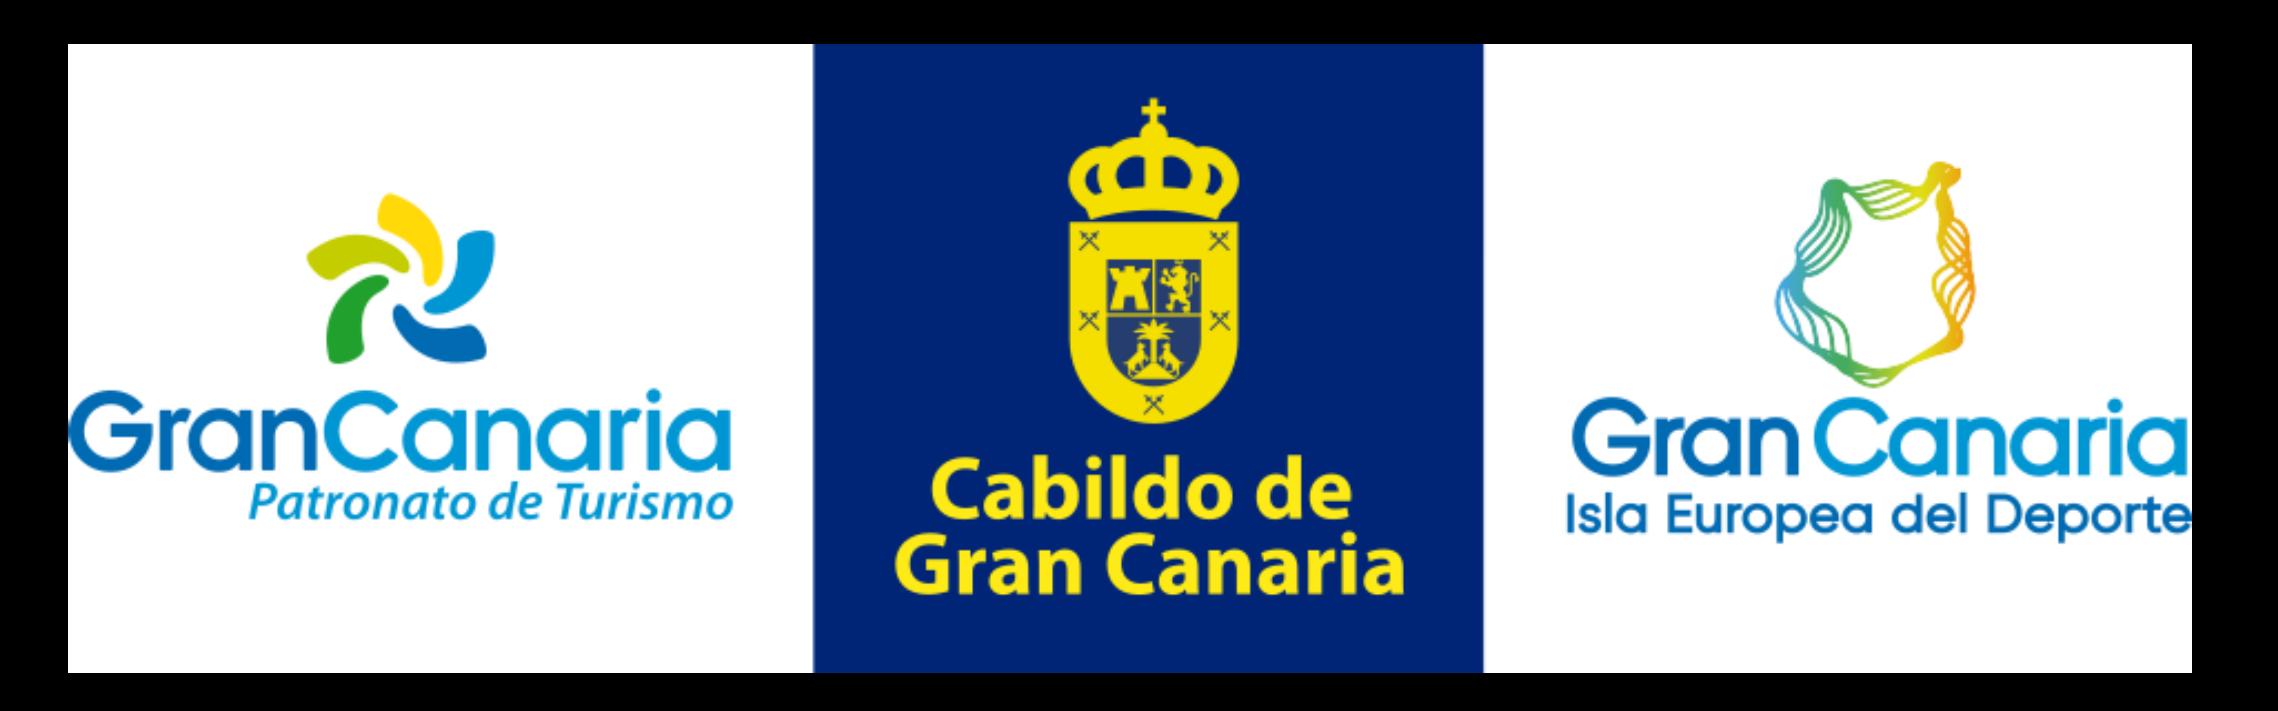 Cabildo de Gran Canaria - Gran Canaria O-Meeting - Orientación en Gran Canaria